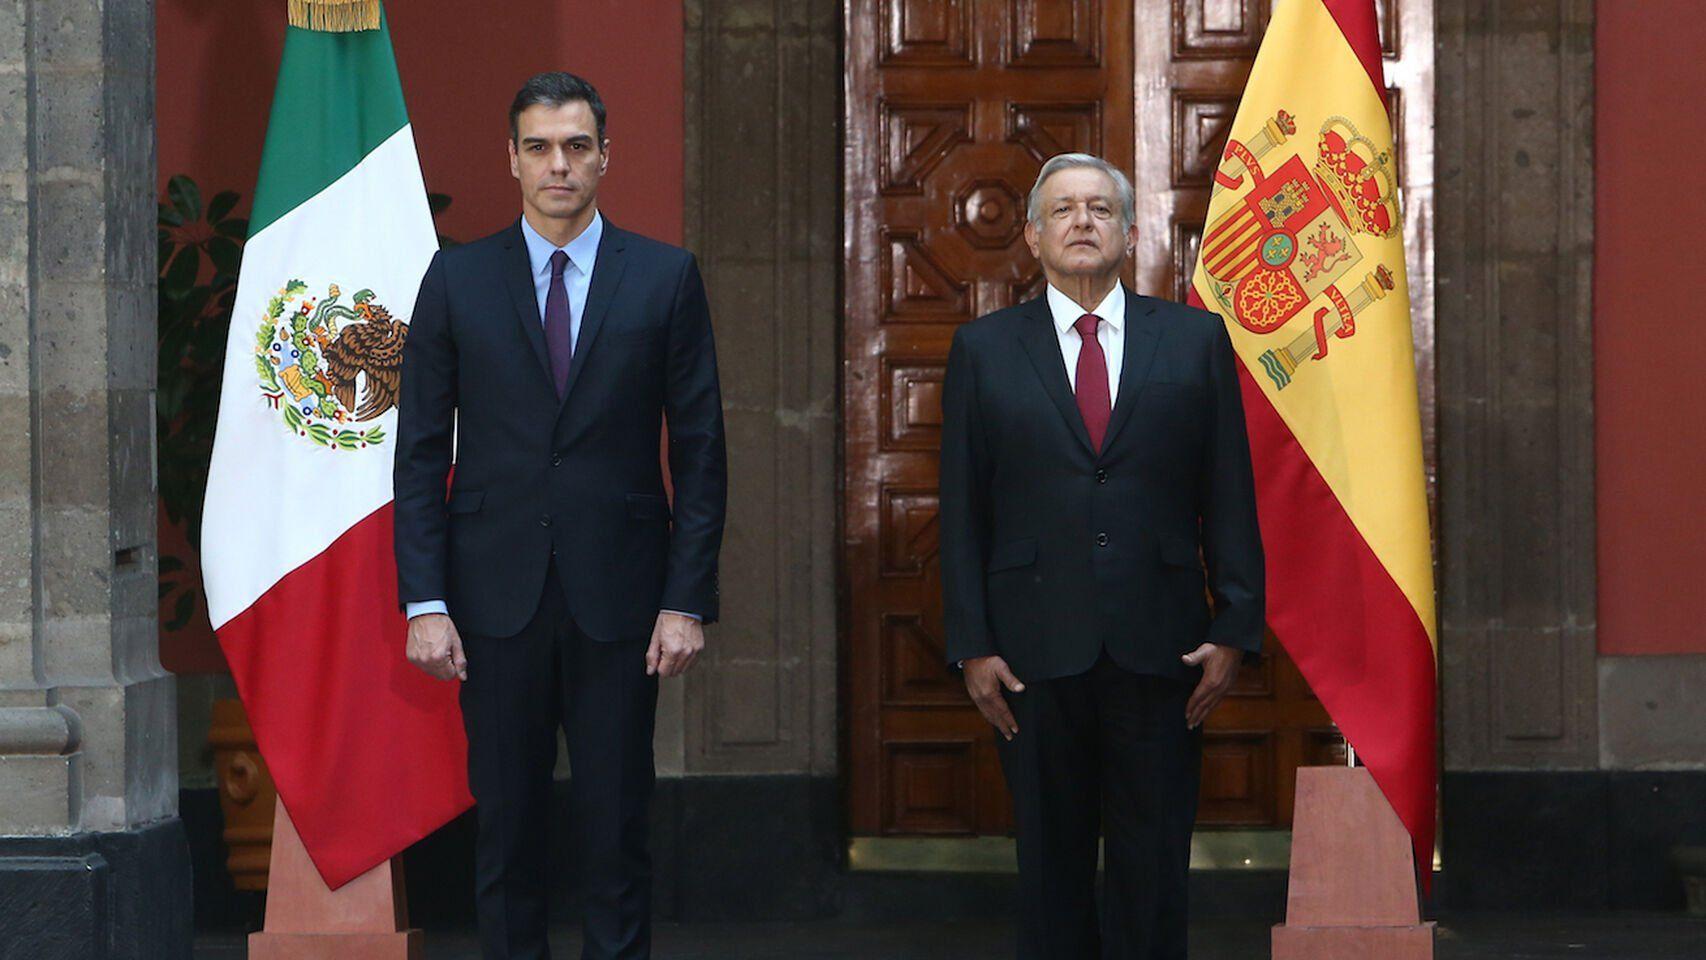 España llama a AMLO ignorante al exigir disculpas